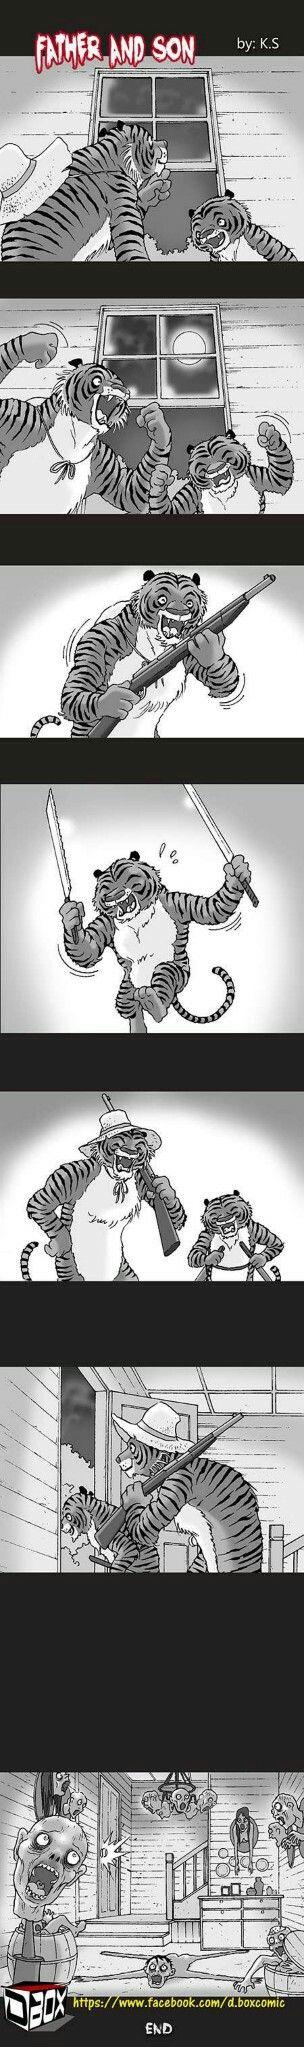 Esto es lo que debería suceder para terminar con la crueldad, masacre y tortura animal.